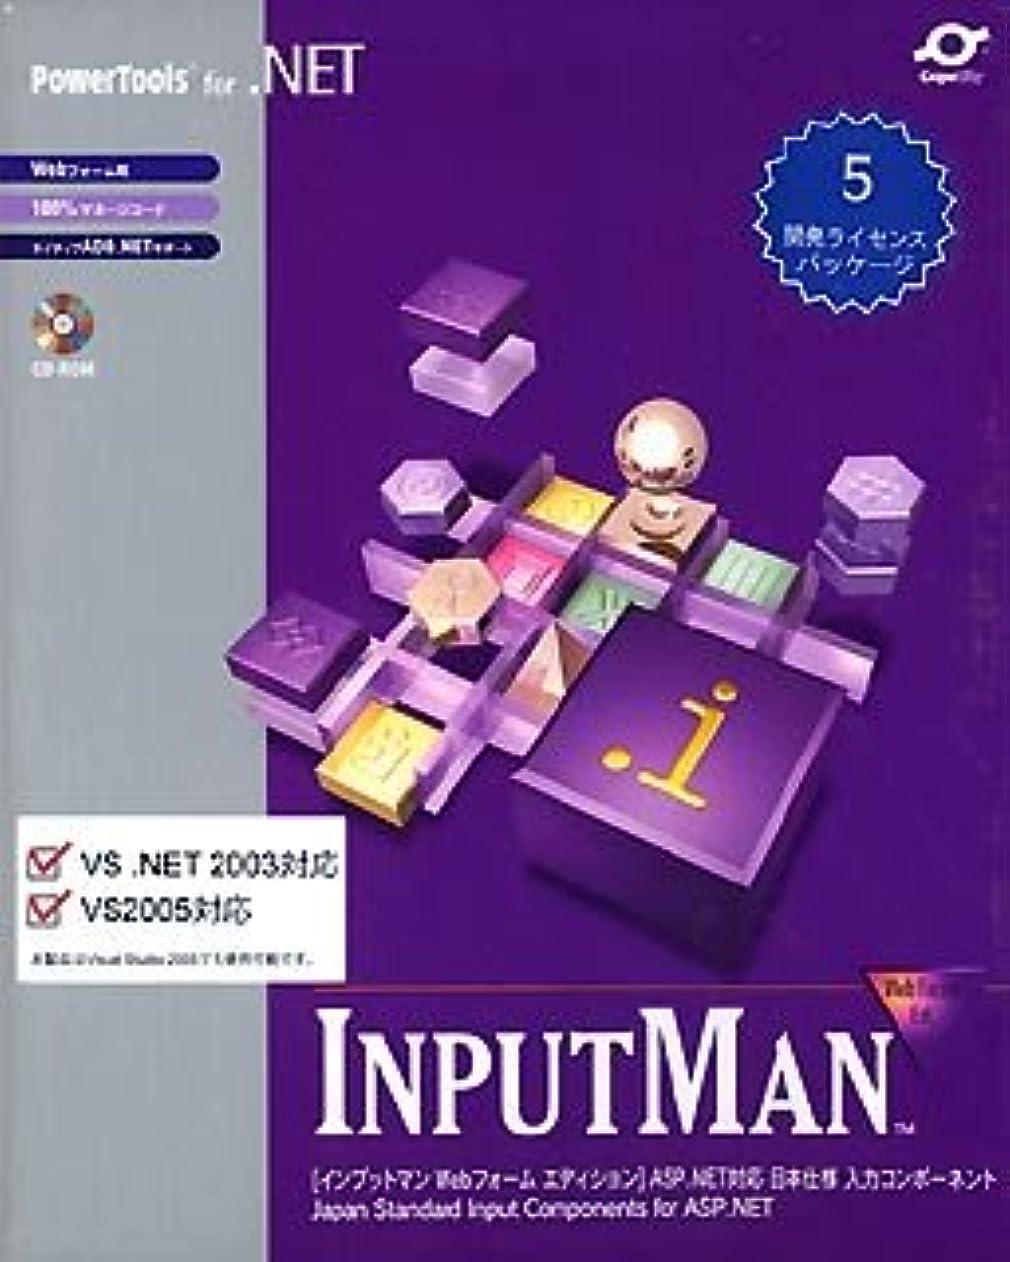 盆地たらい代理人InputMan for .NET 1.0J Web Forms Edition 5開発ライセンスパッケージ